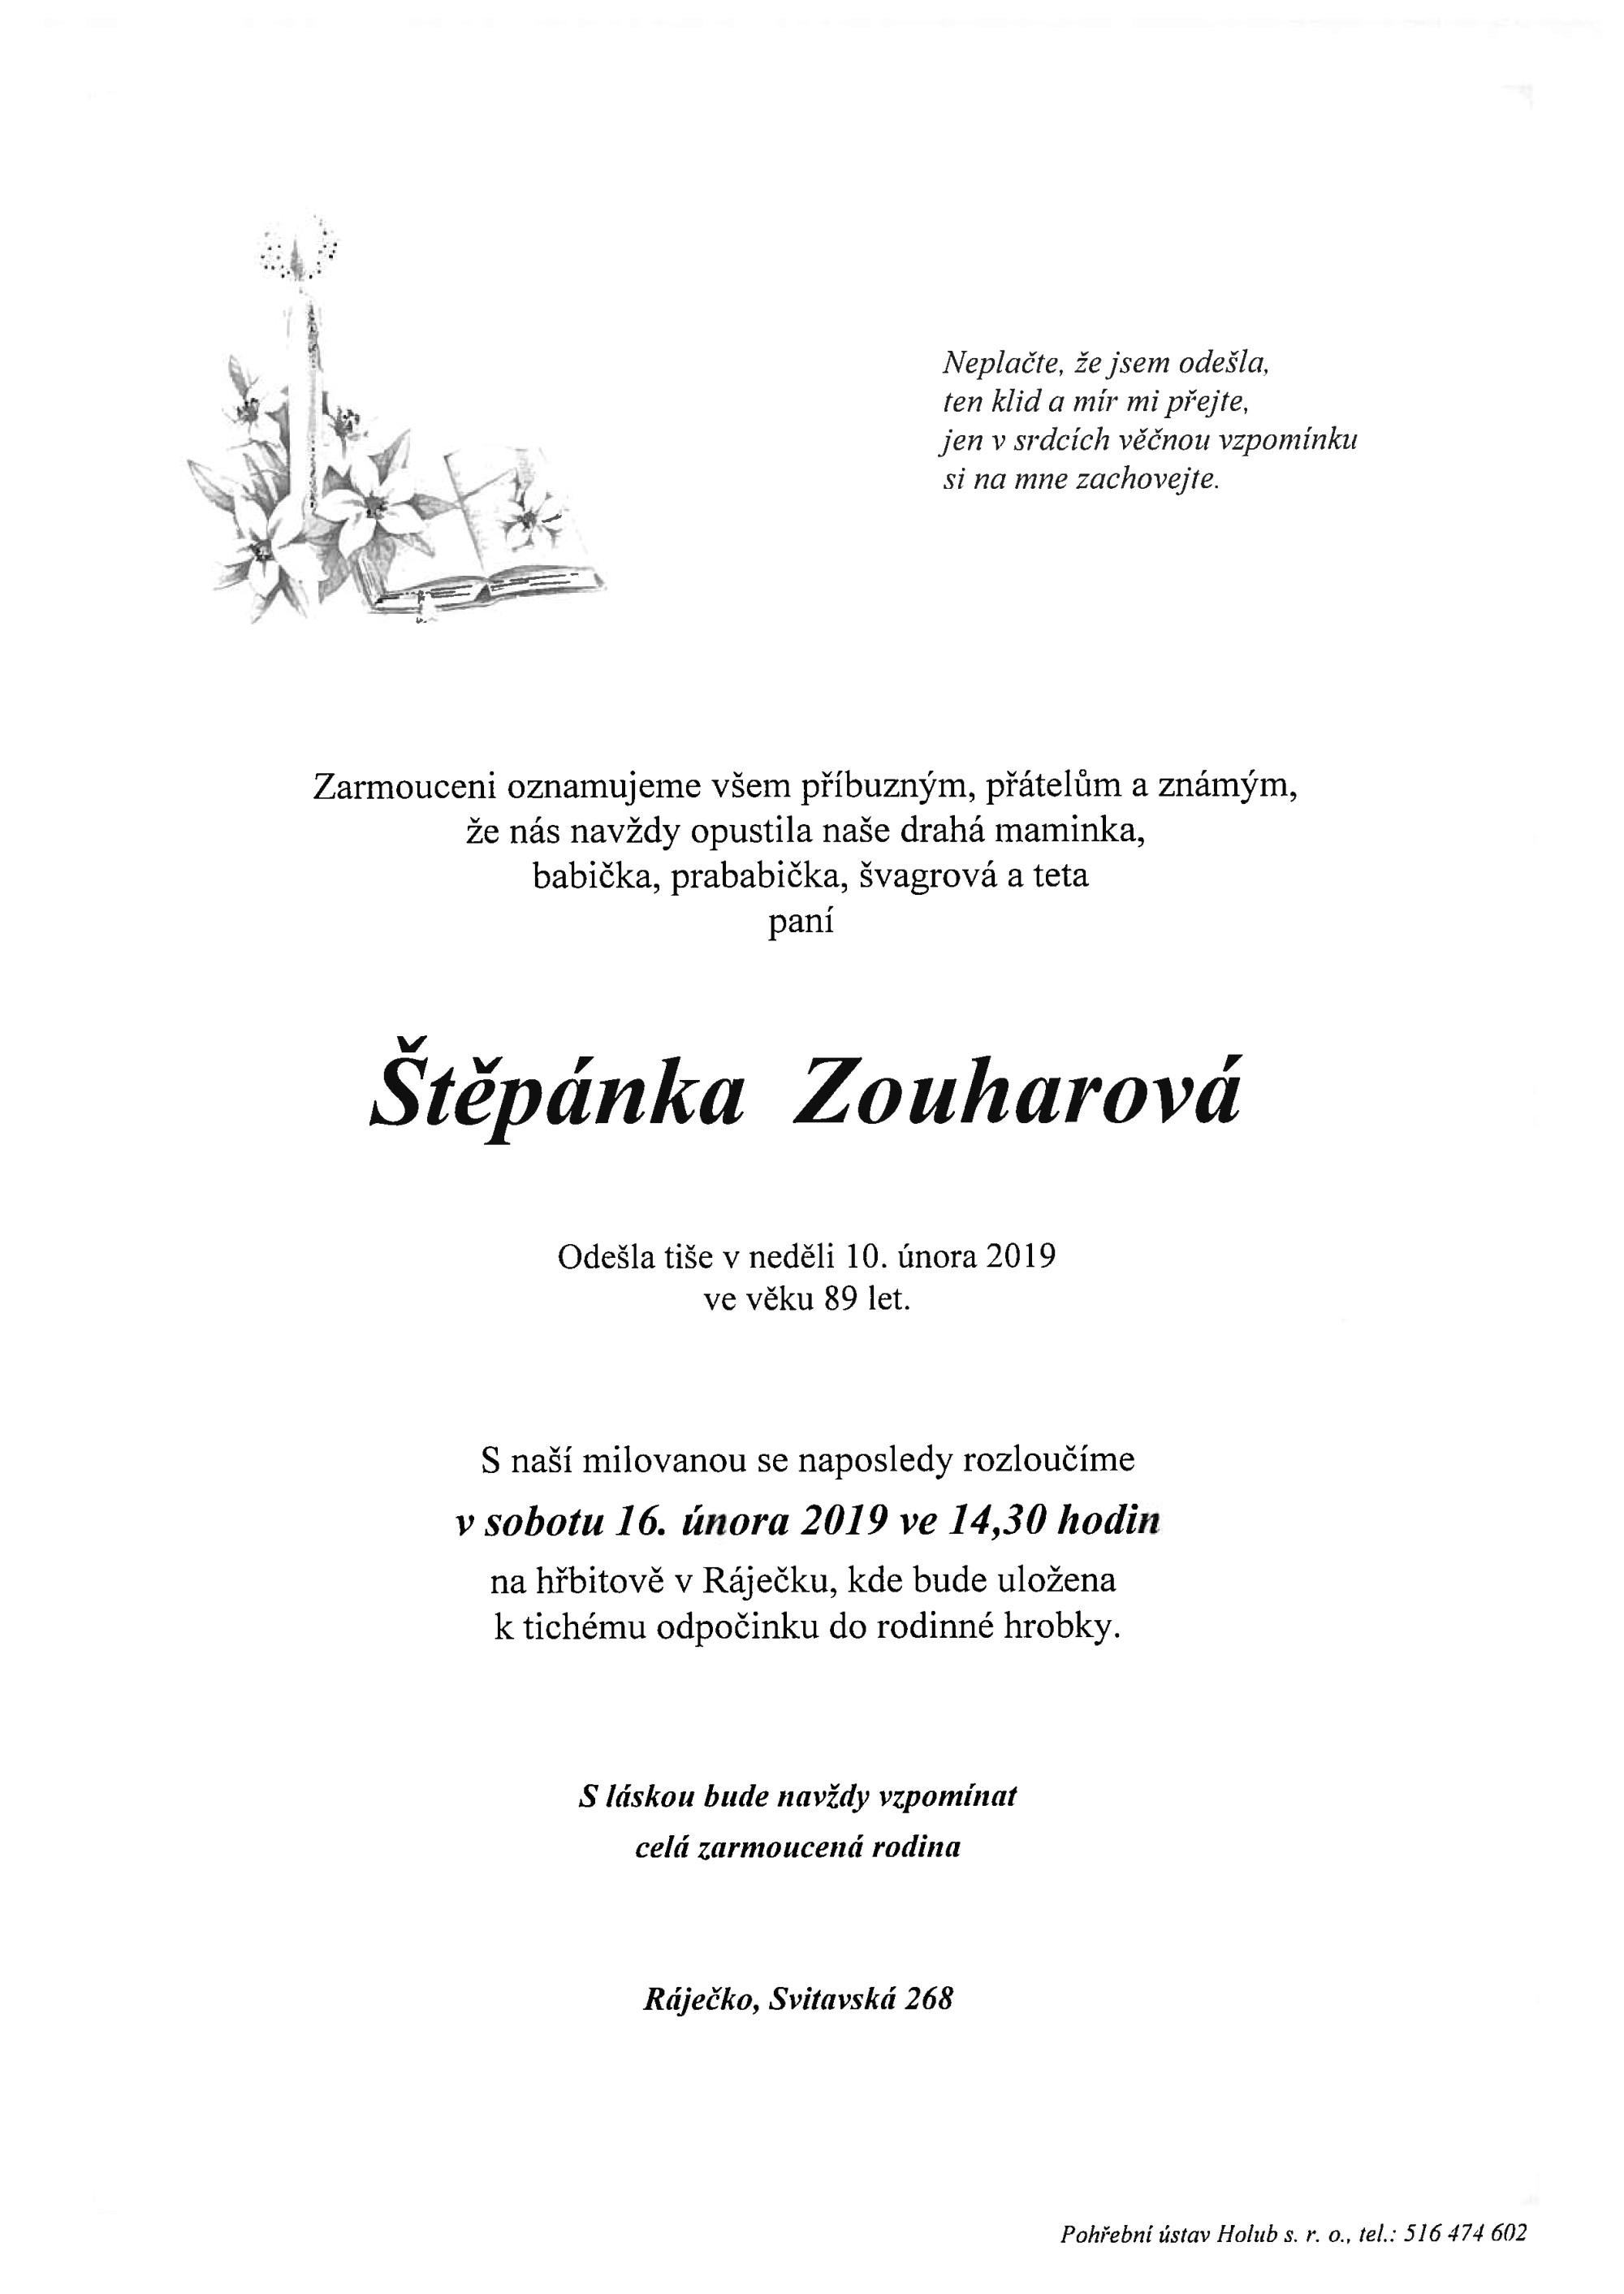 Štěpánka Zouharová